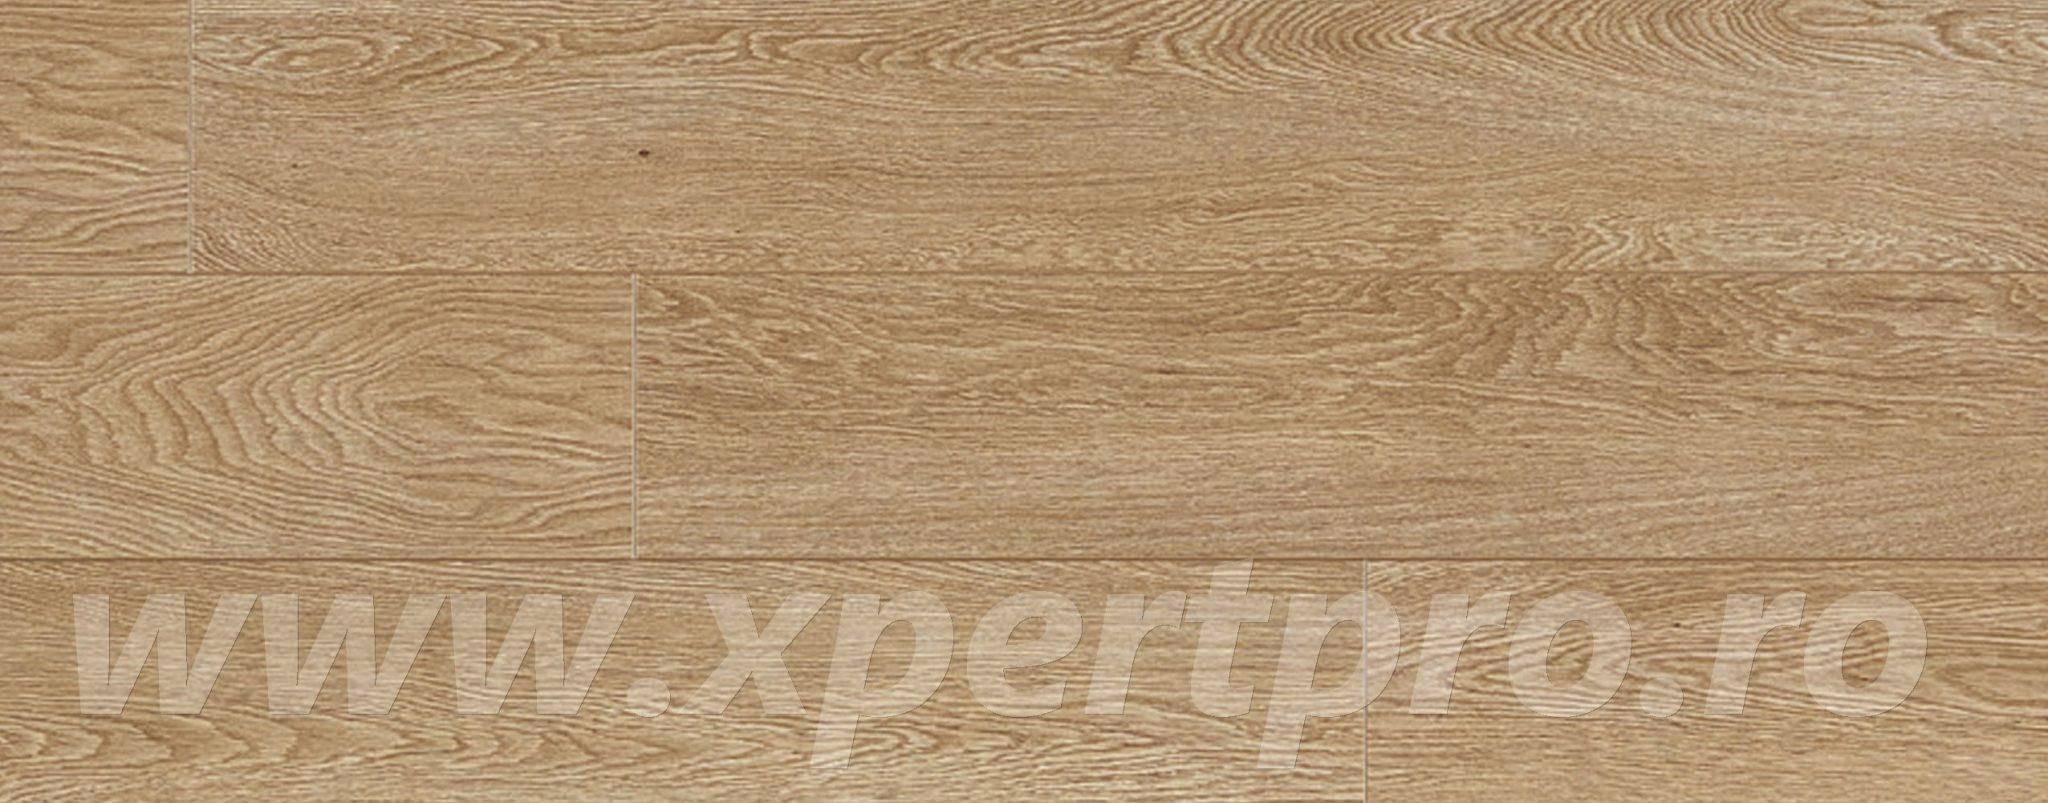 Parchet laminat 12 mm Xpert Pro Constanta Barley Oak 706